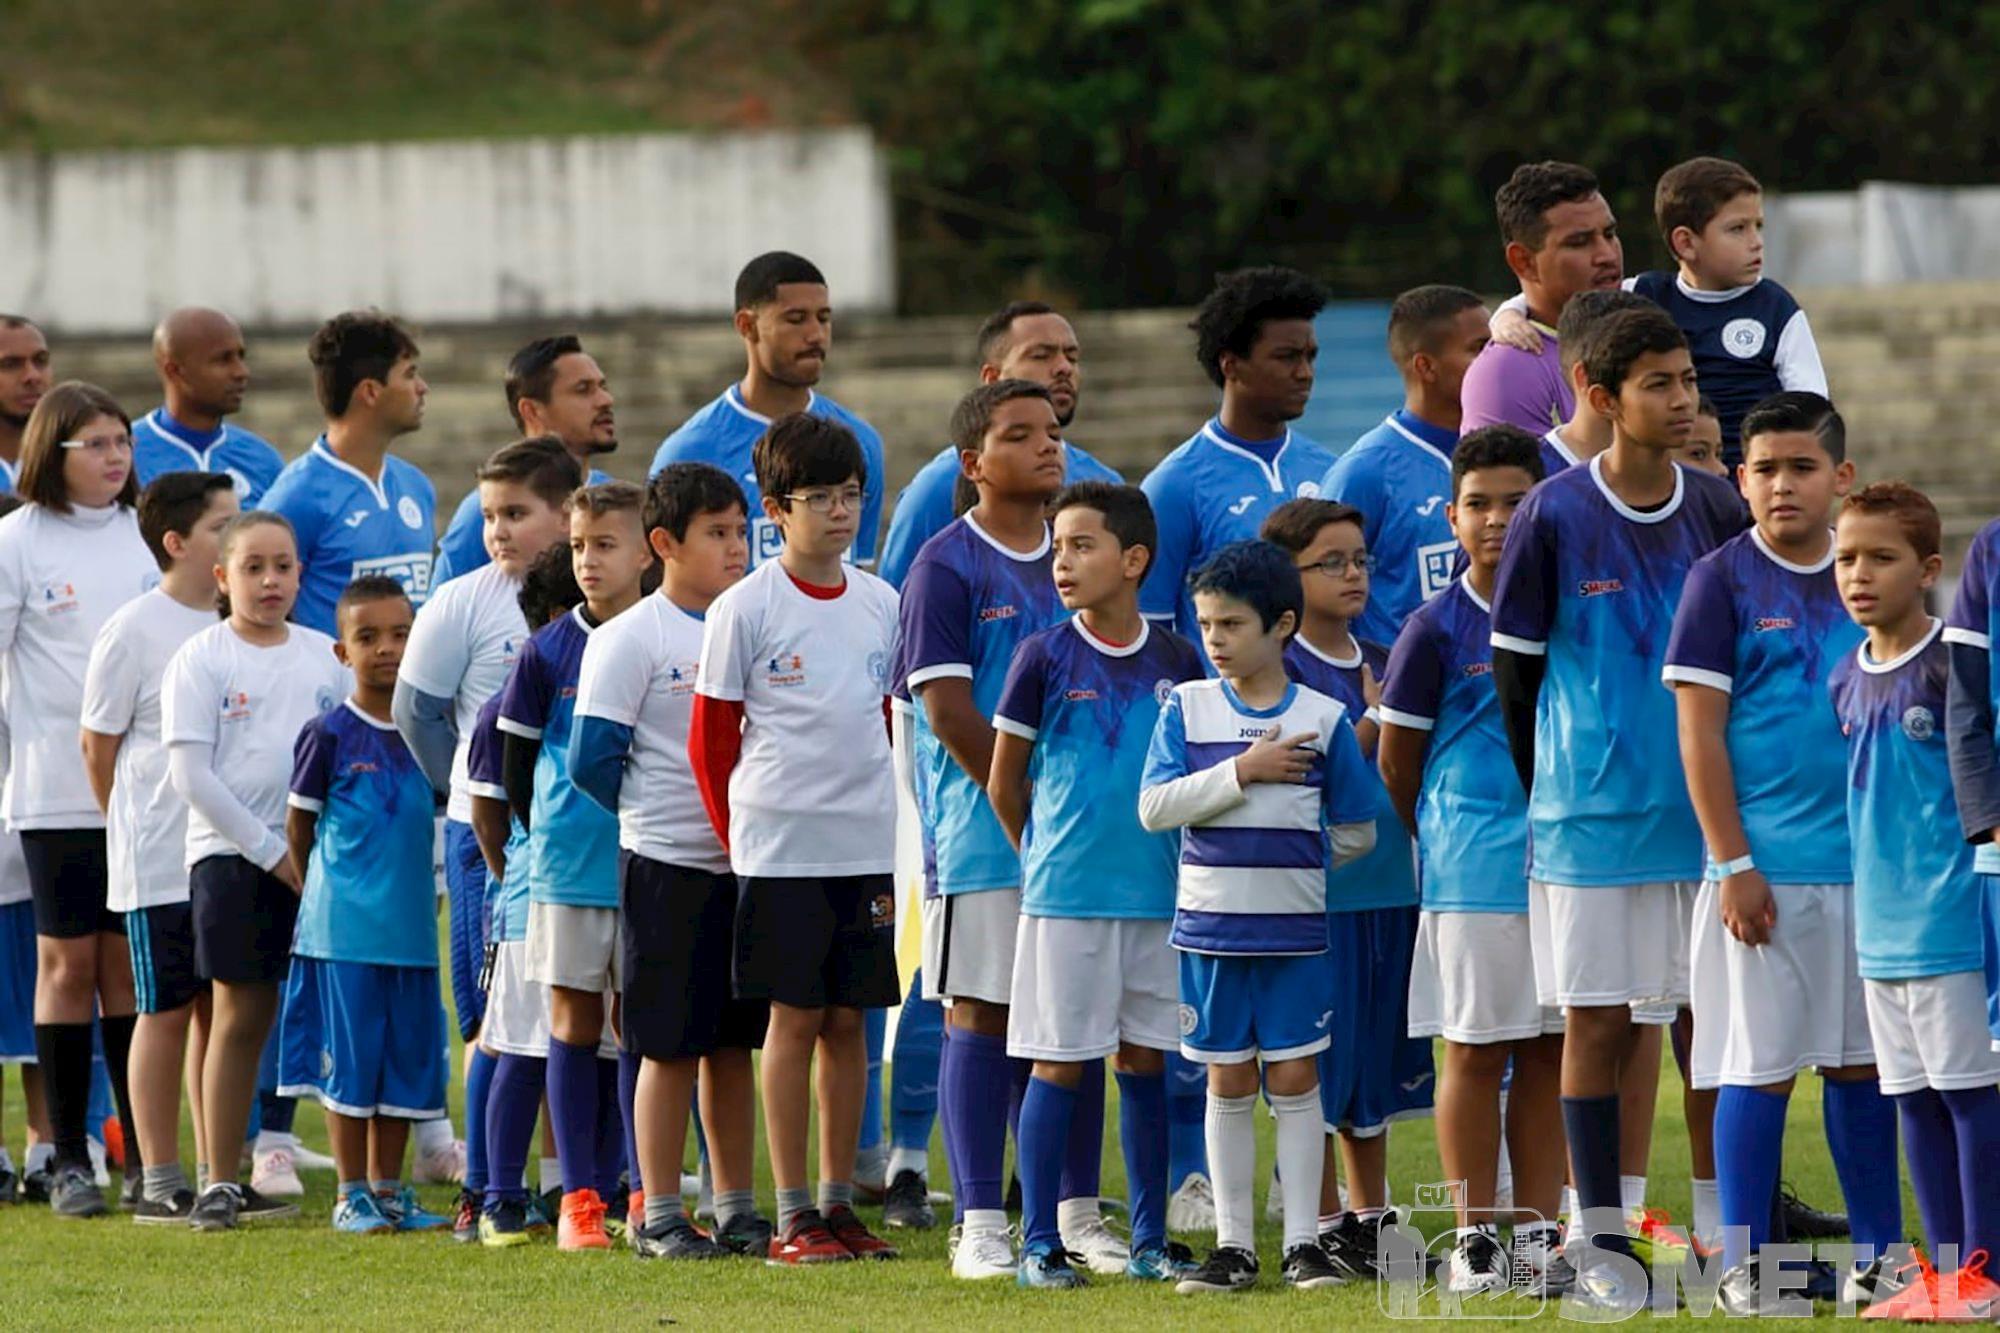 Alunos da Escolinha Oficial do São Bento entram em campo com os jogadores do Azulão, escolinha,  são bento,  azulão,  jogo,  futebol,  , Jesus/Repórter Autônomo, Alunos da Escolinha do São Bento se emocionam ao entrar no campo